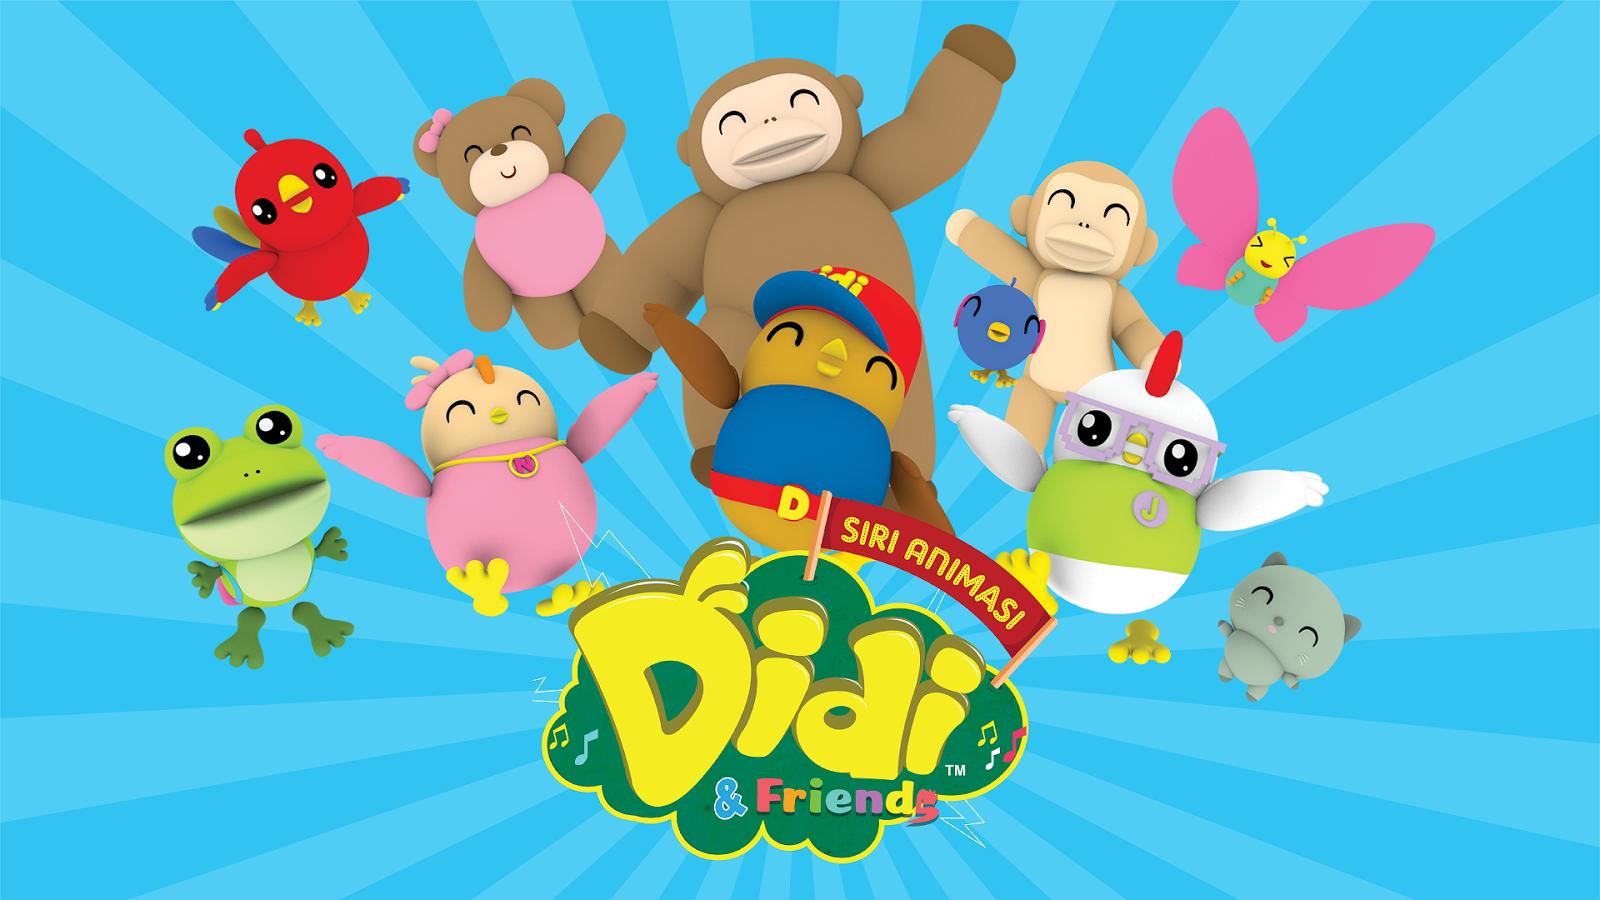 Didi Friends Newhairstylesformen2014 Com